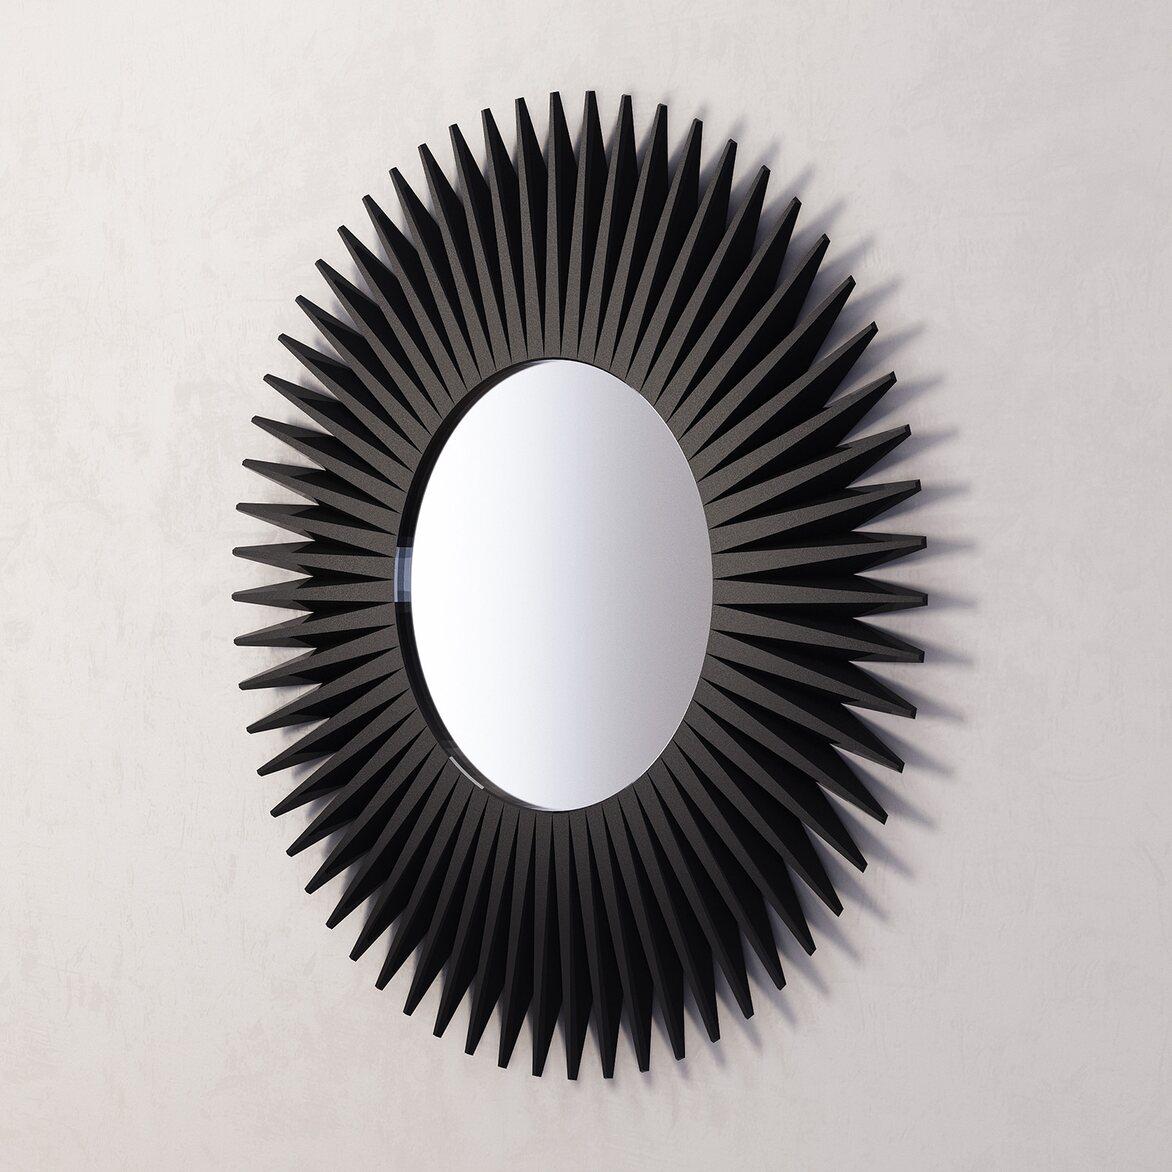 Зеркало-солнце Rays, черное 2 | Настенные зеркала Kingsby